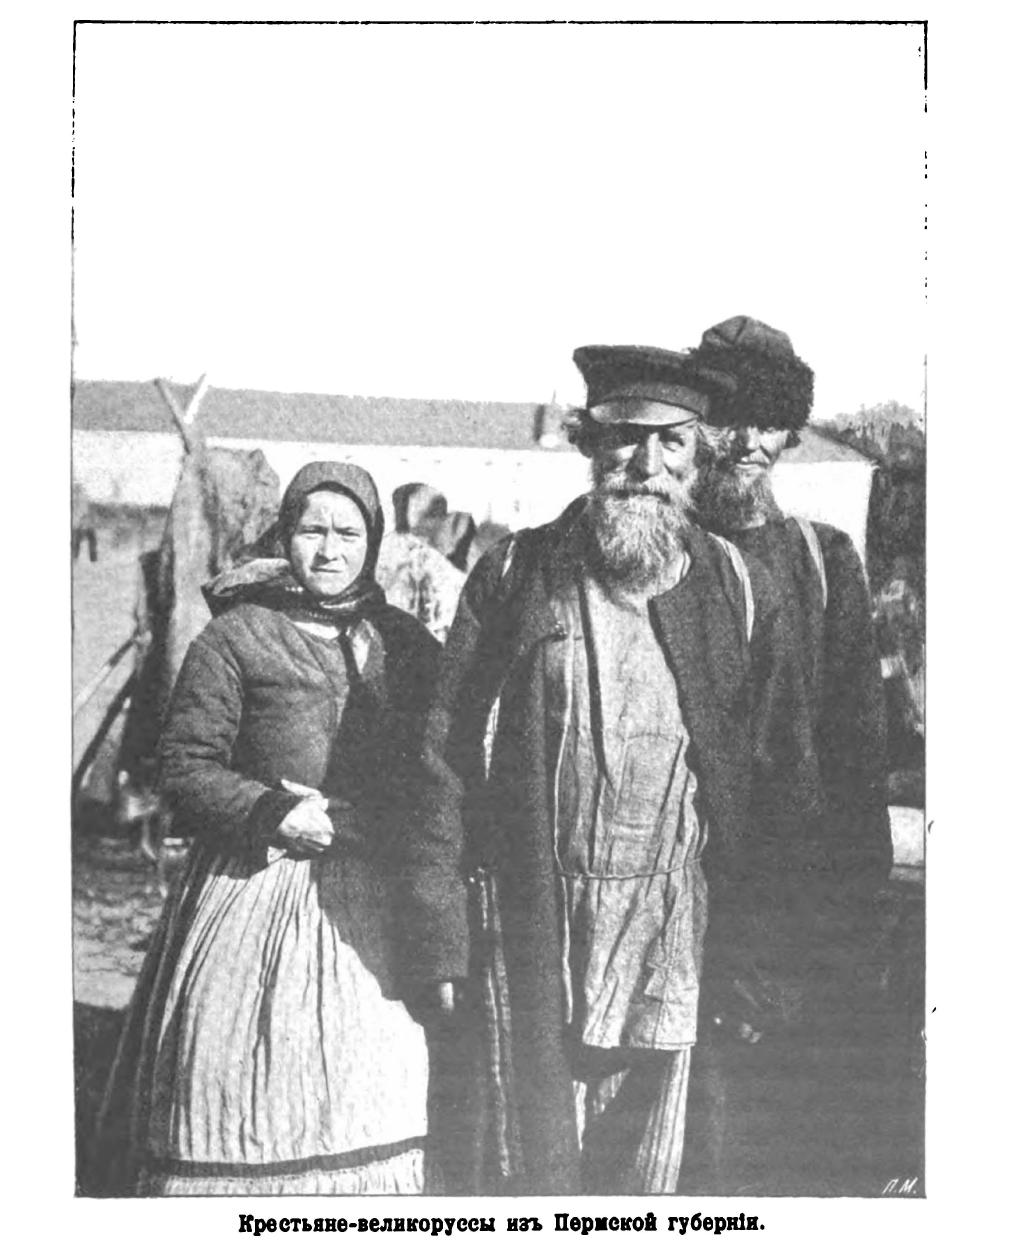 Крестьяне-великоруссы из Пермской губернии